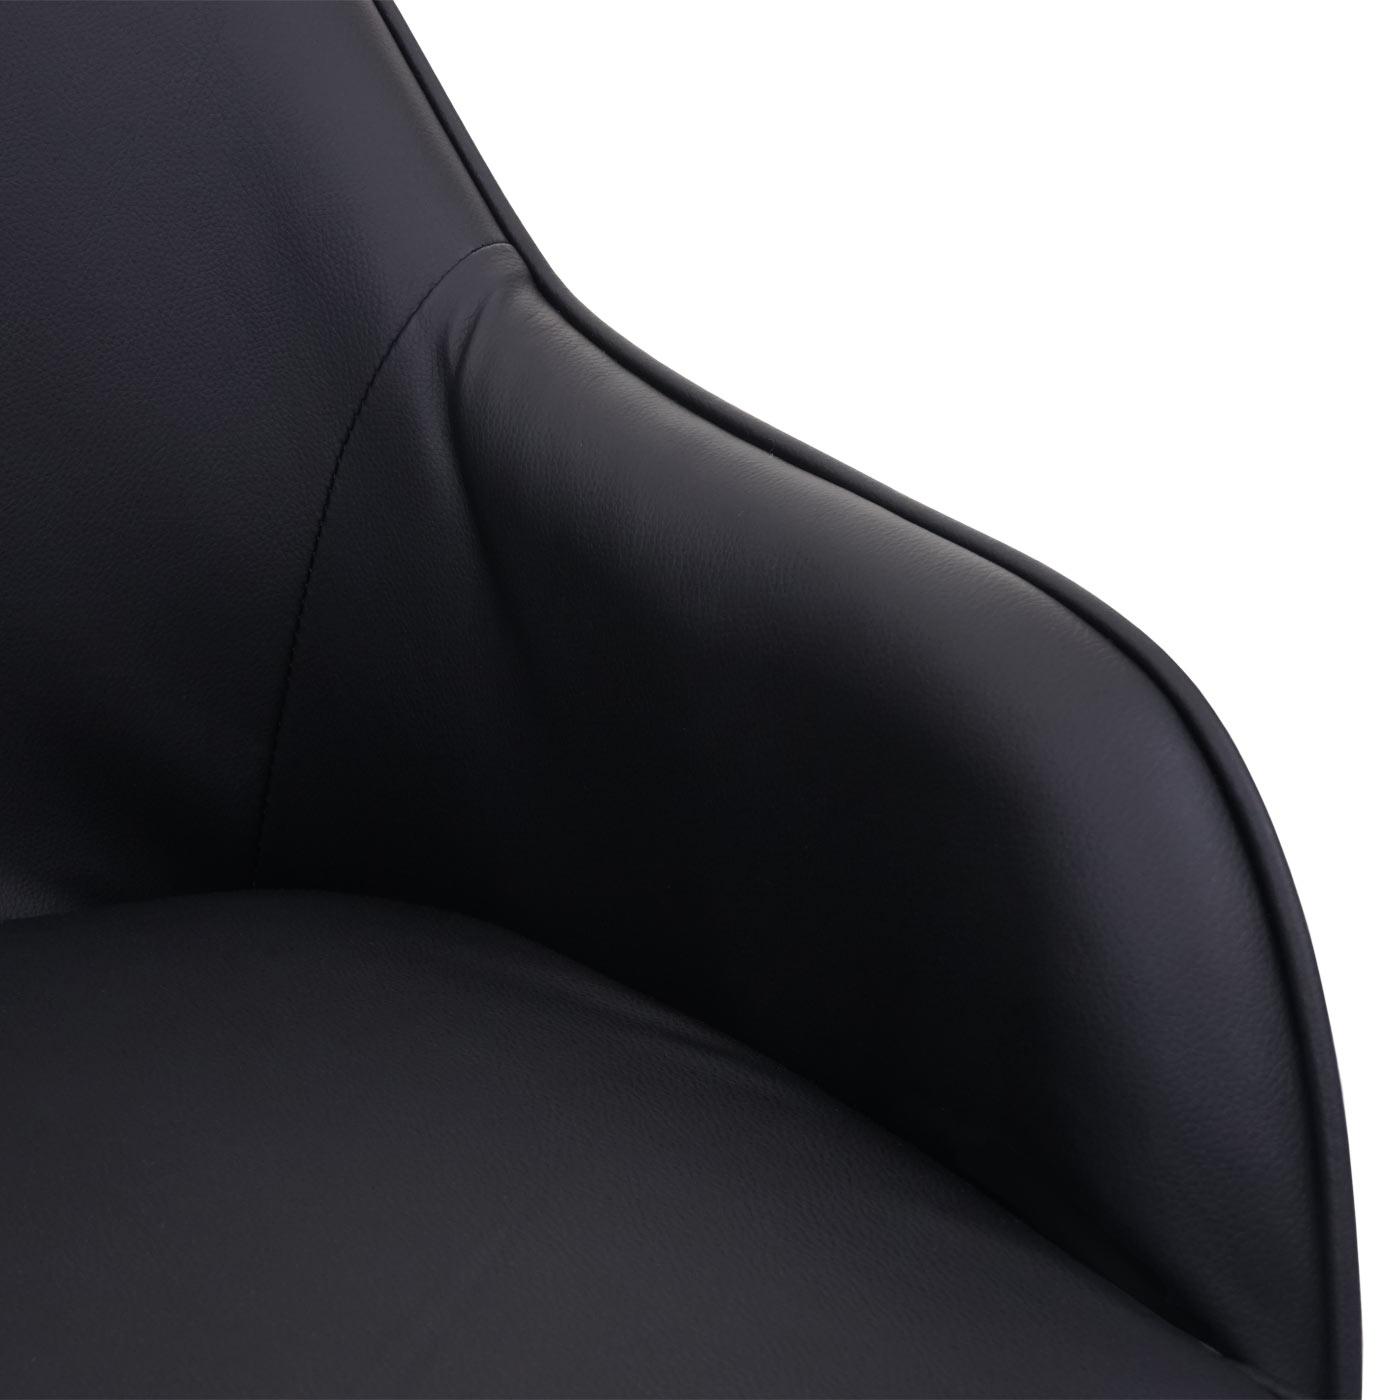 Esszimmerstuhl HWC-F82 Detailansicht Armlehne